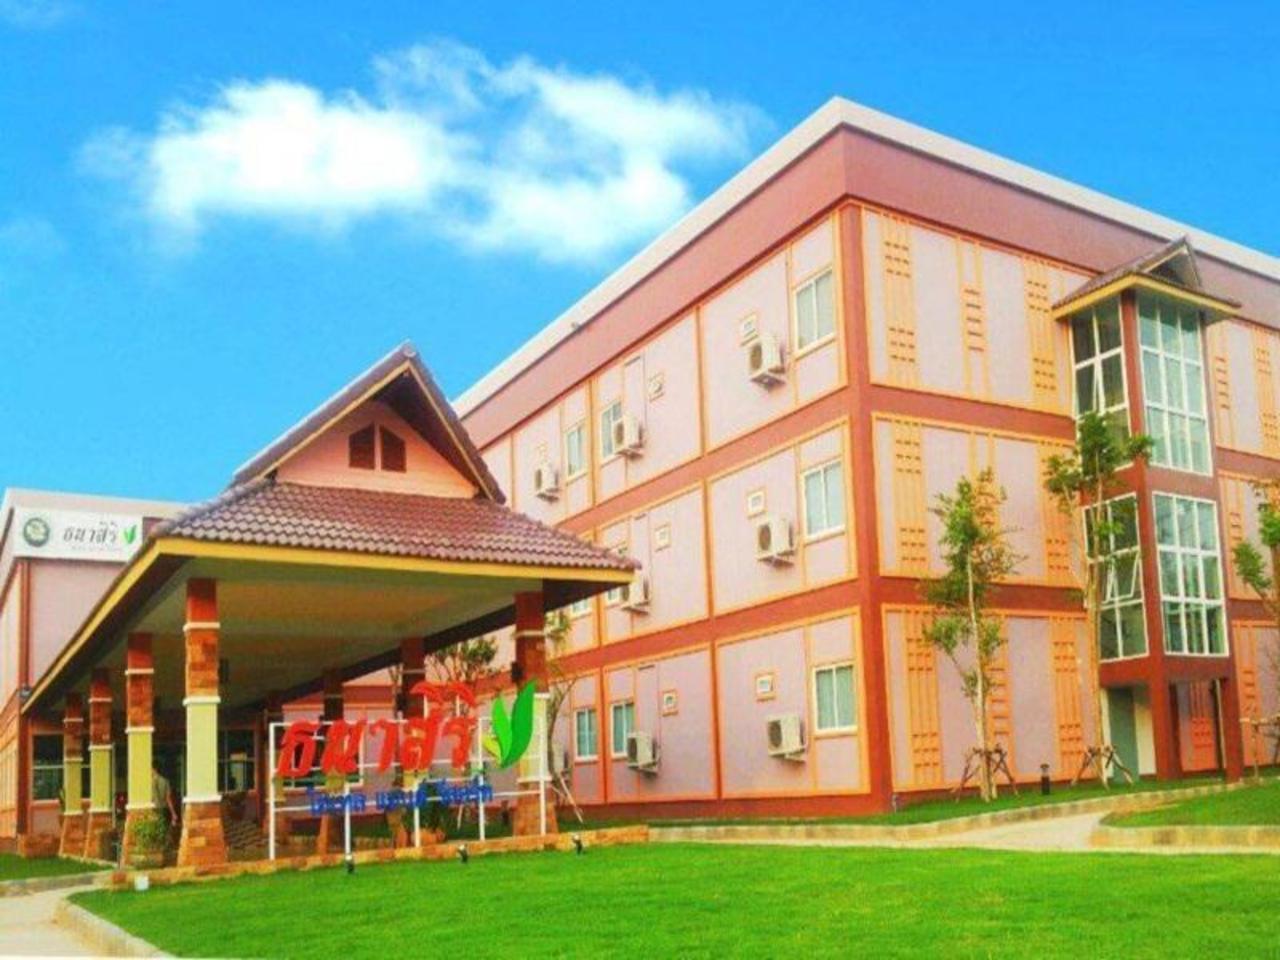 ธนาสิริ โฮเต็ล แอนด์ รีสอร์ท (Thanasiri Hotel & Resort)